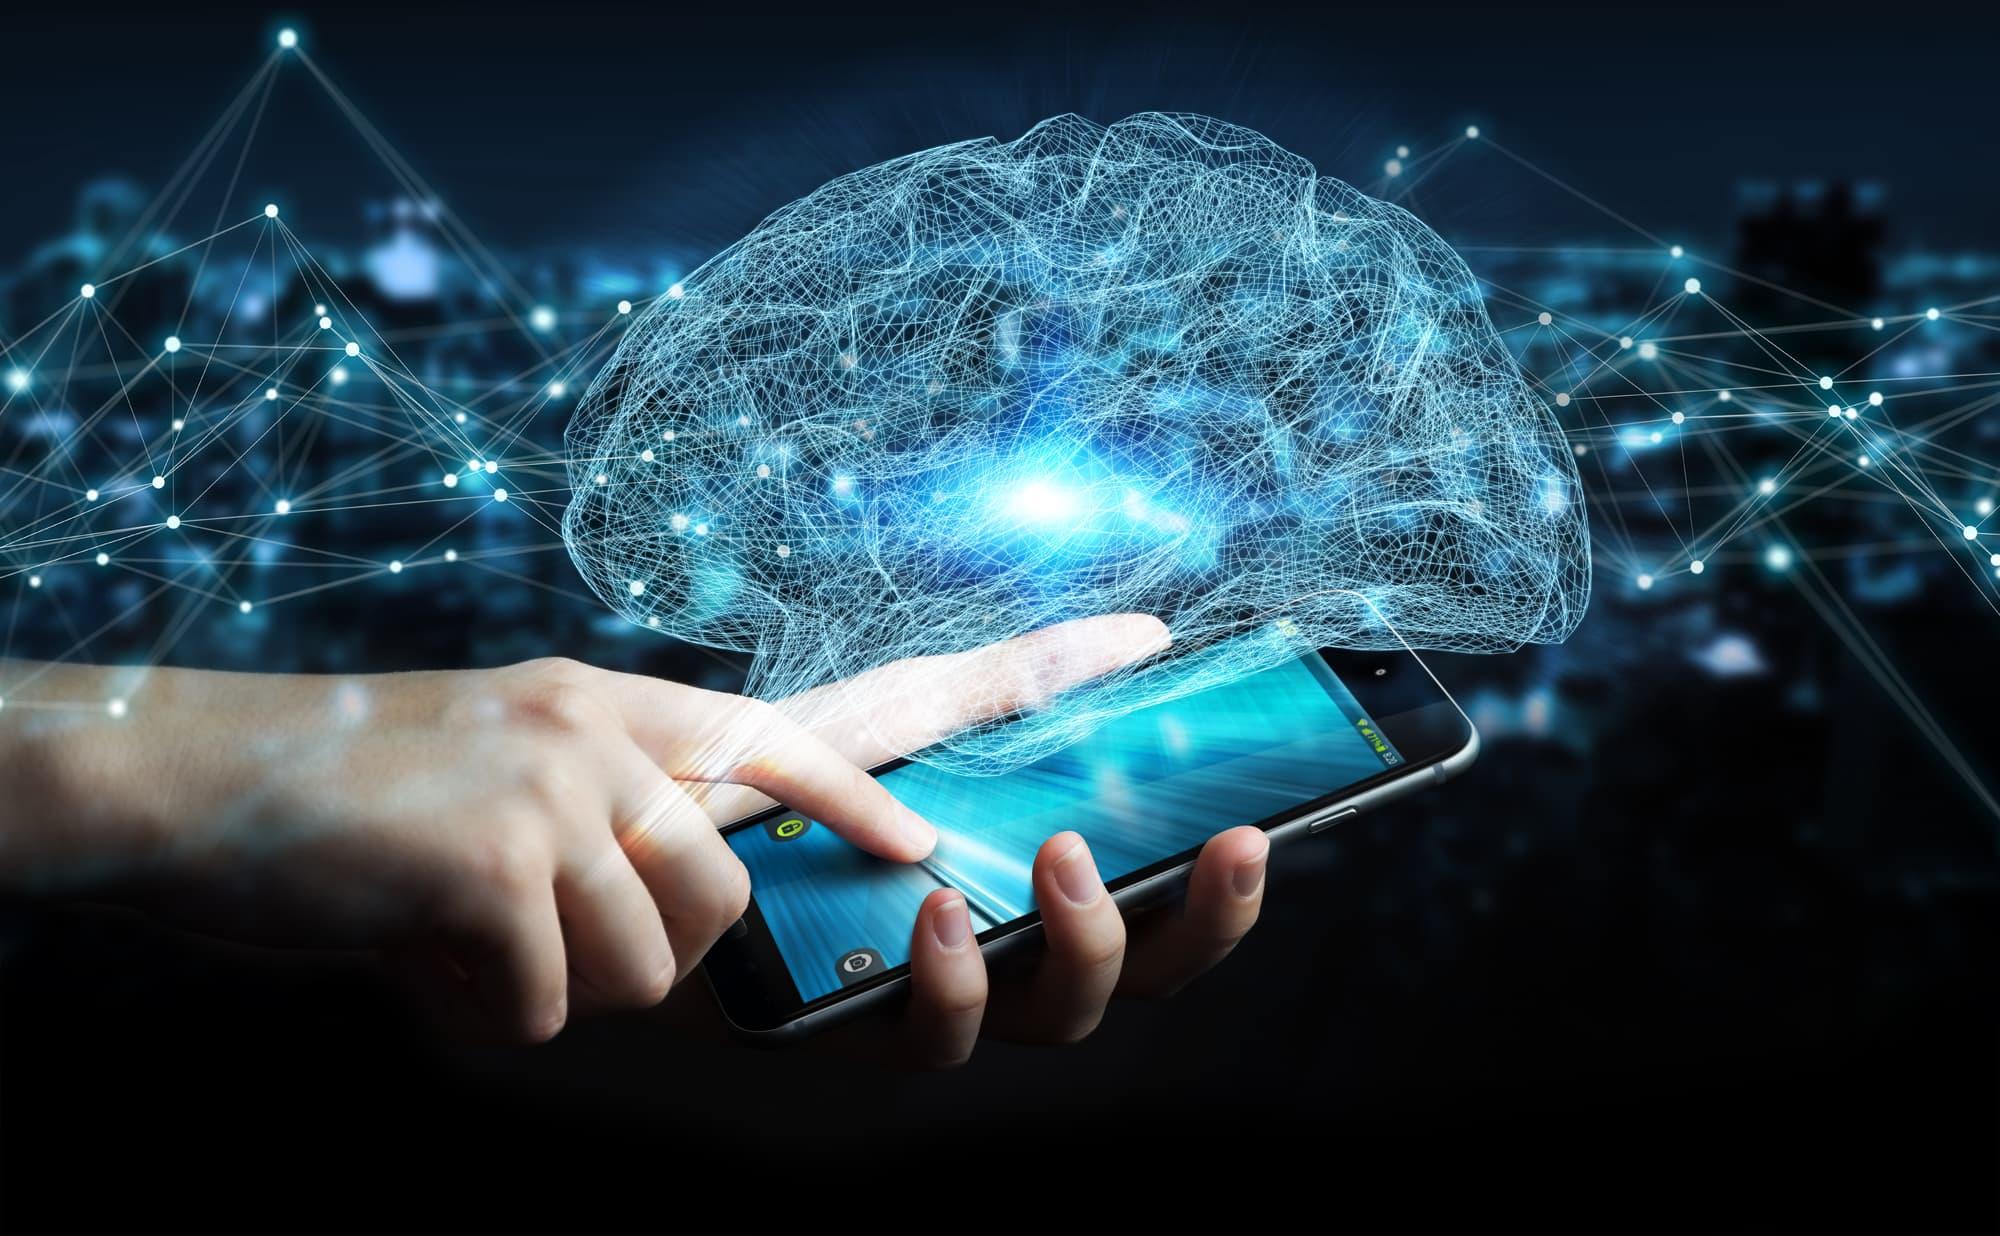 Насколько развит твой интеллект? Видео тест с головоломками